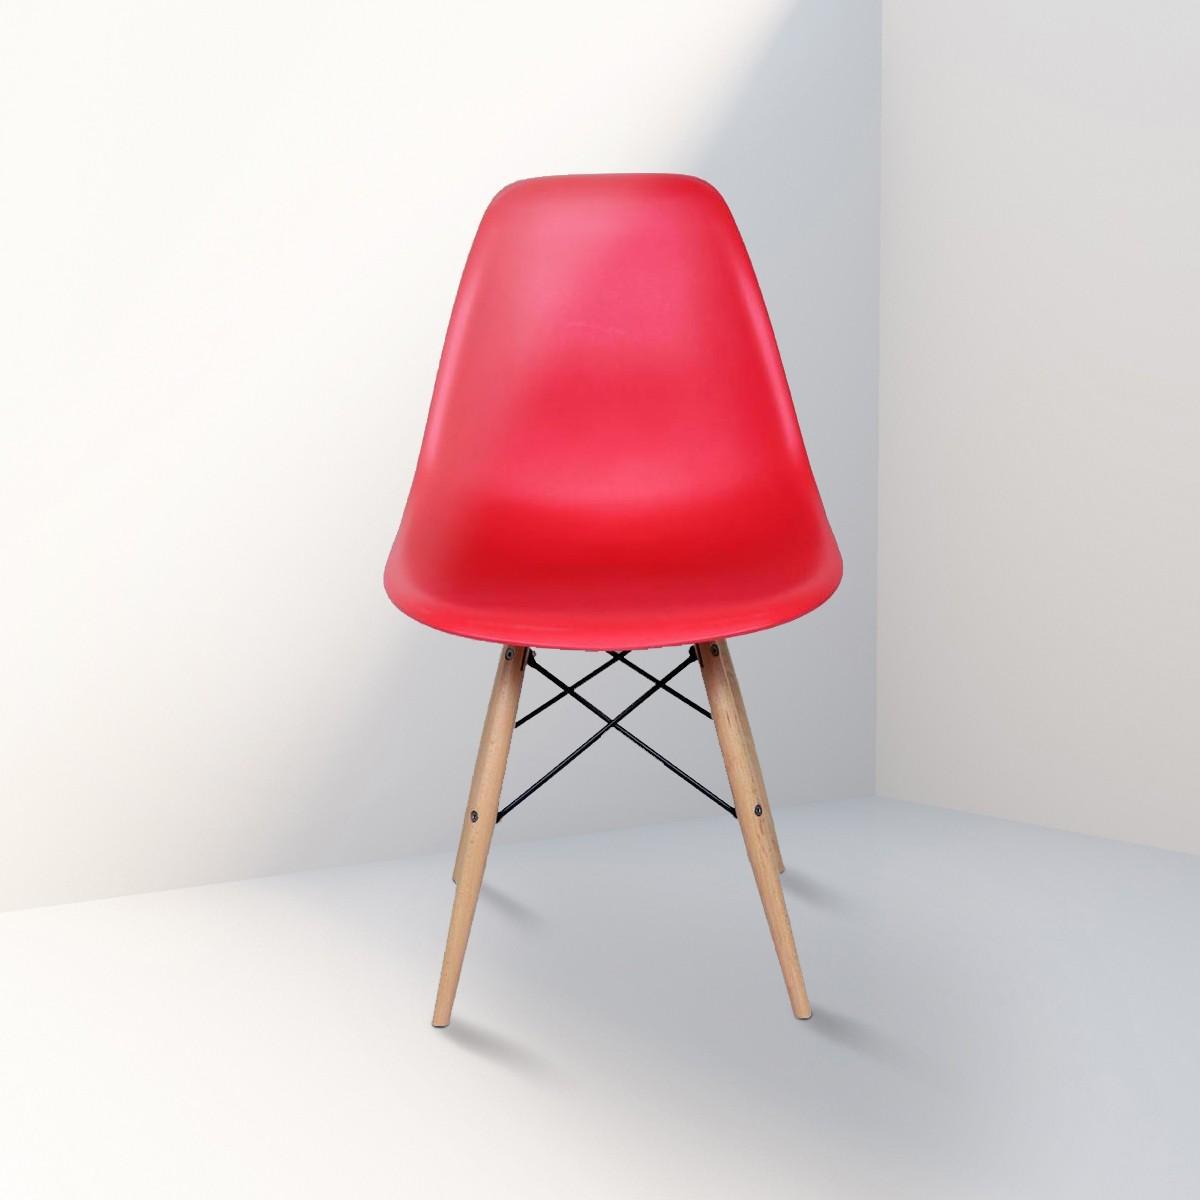 Chaise en plastique moulé rouge avec pieds en bois (T811E006-RD)